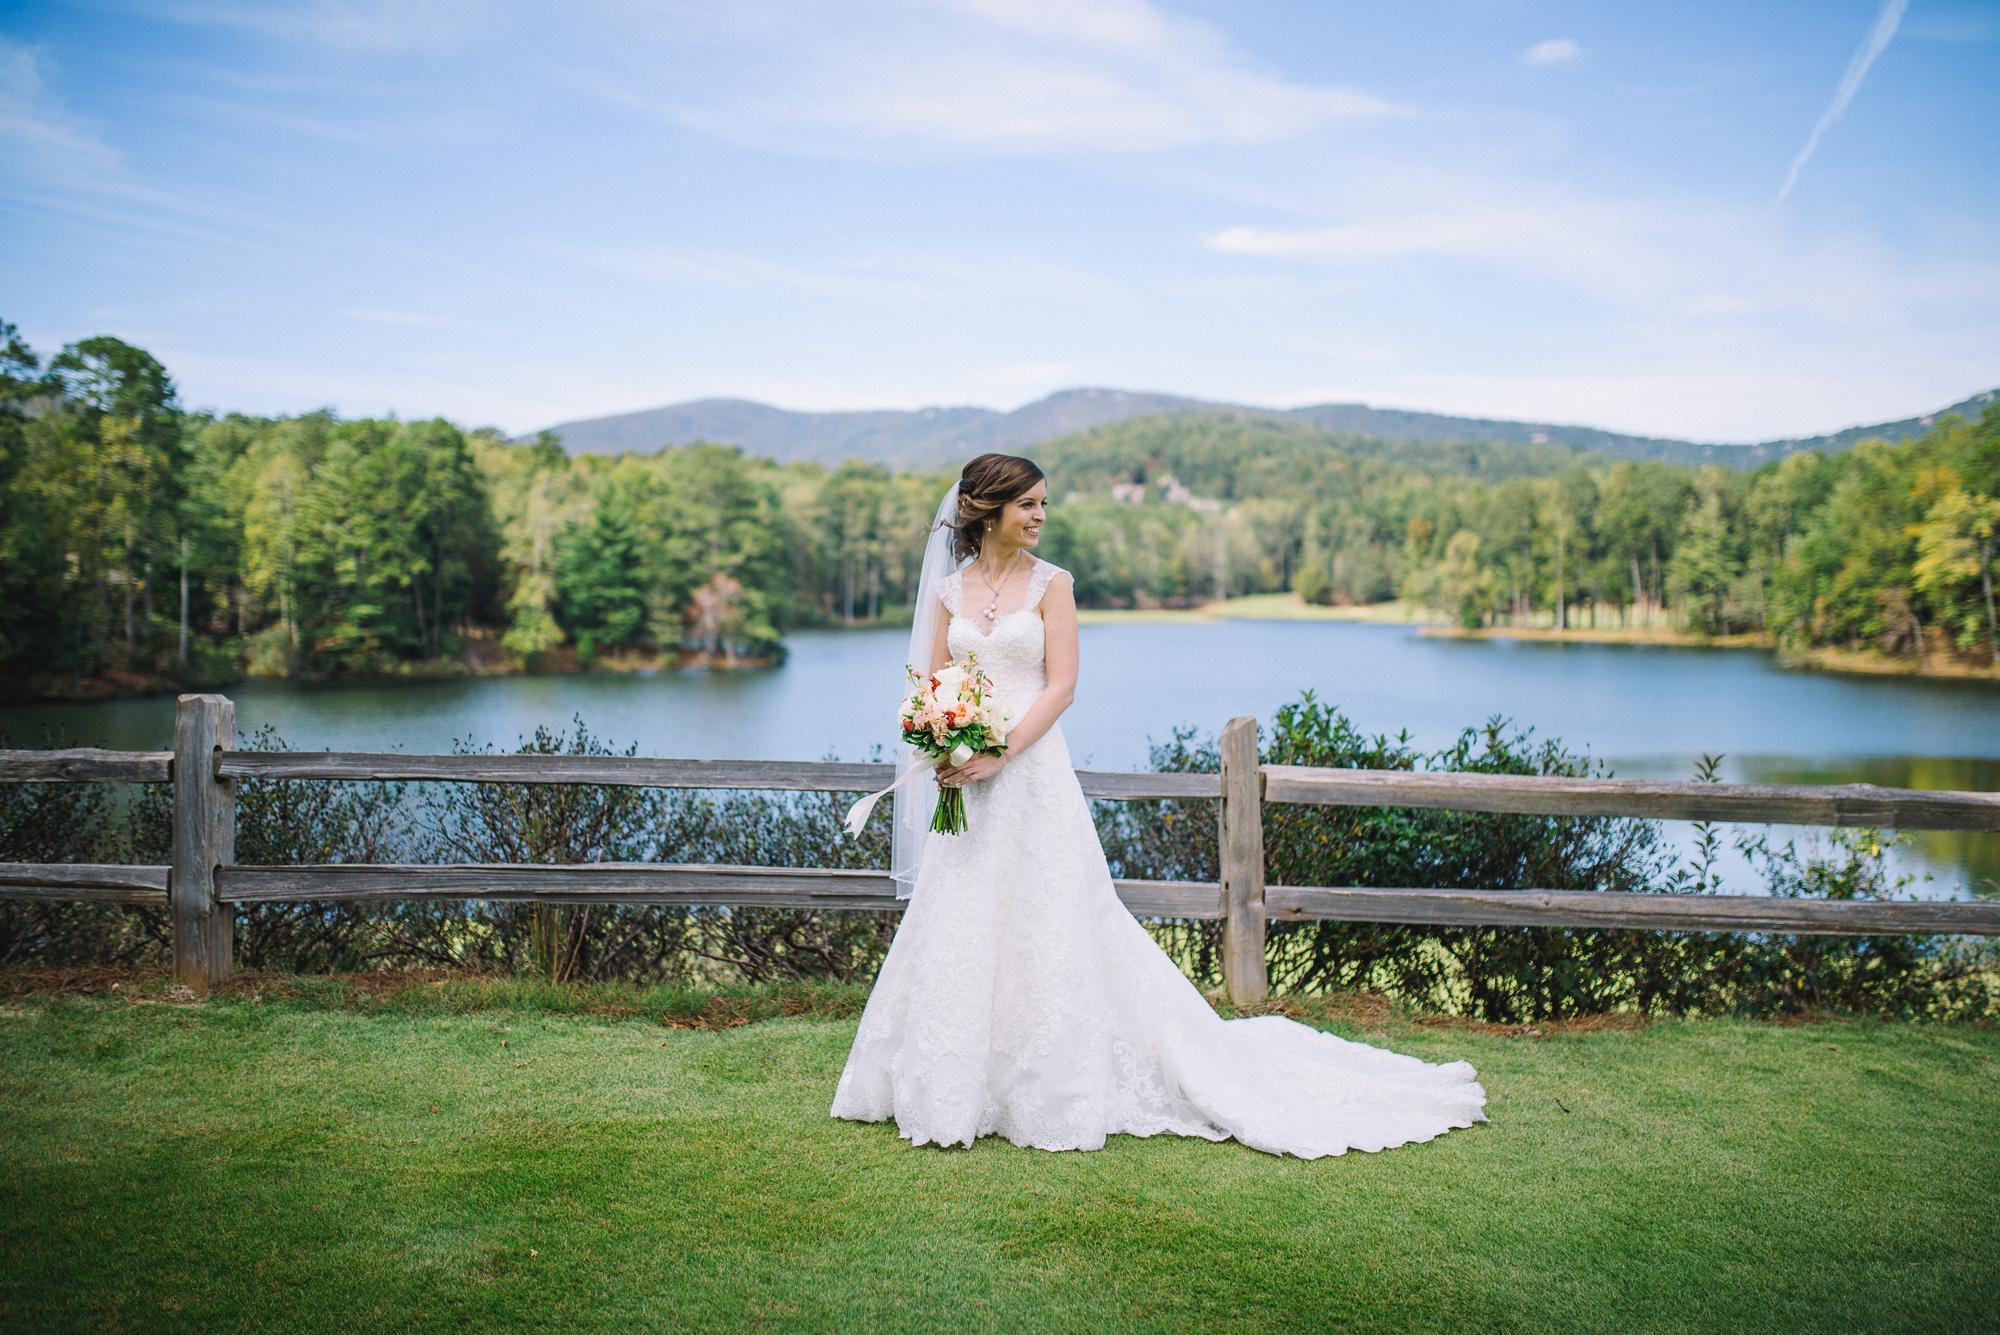 Rachel + Ryan Big Canoe Wedding Photography